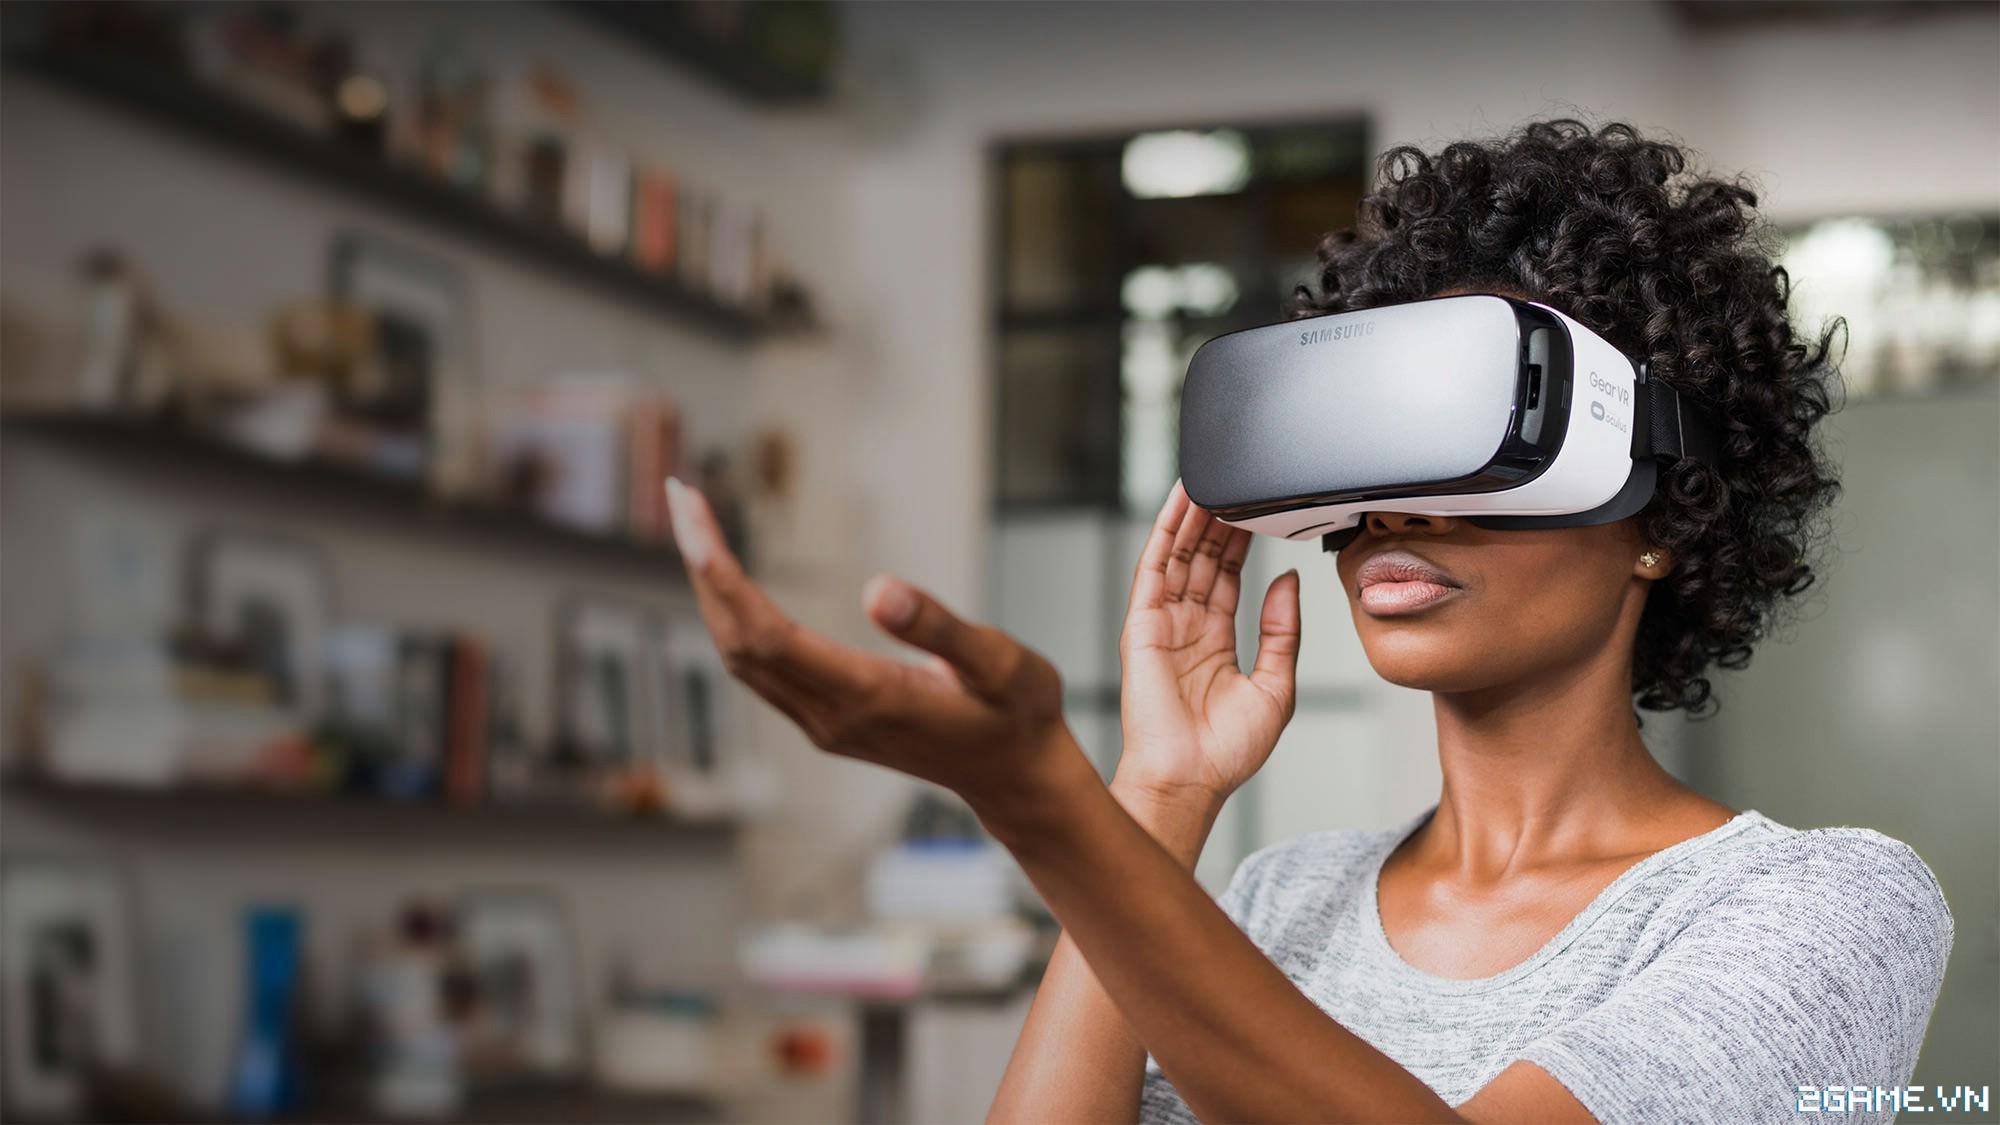 Liệu trò chơi thực tế ảo có phải là một hoạt động nguy hiểm? 0